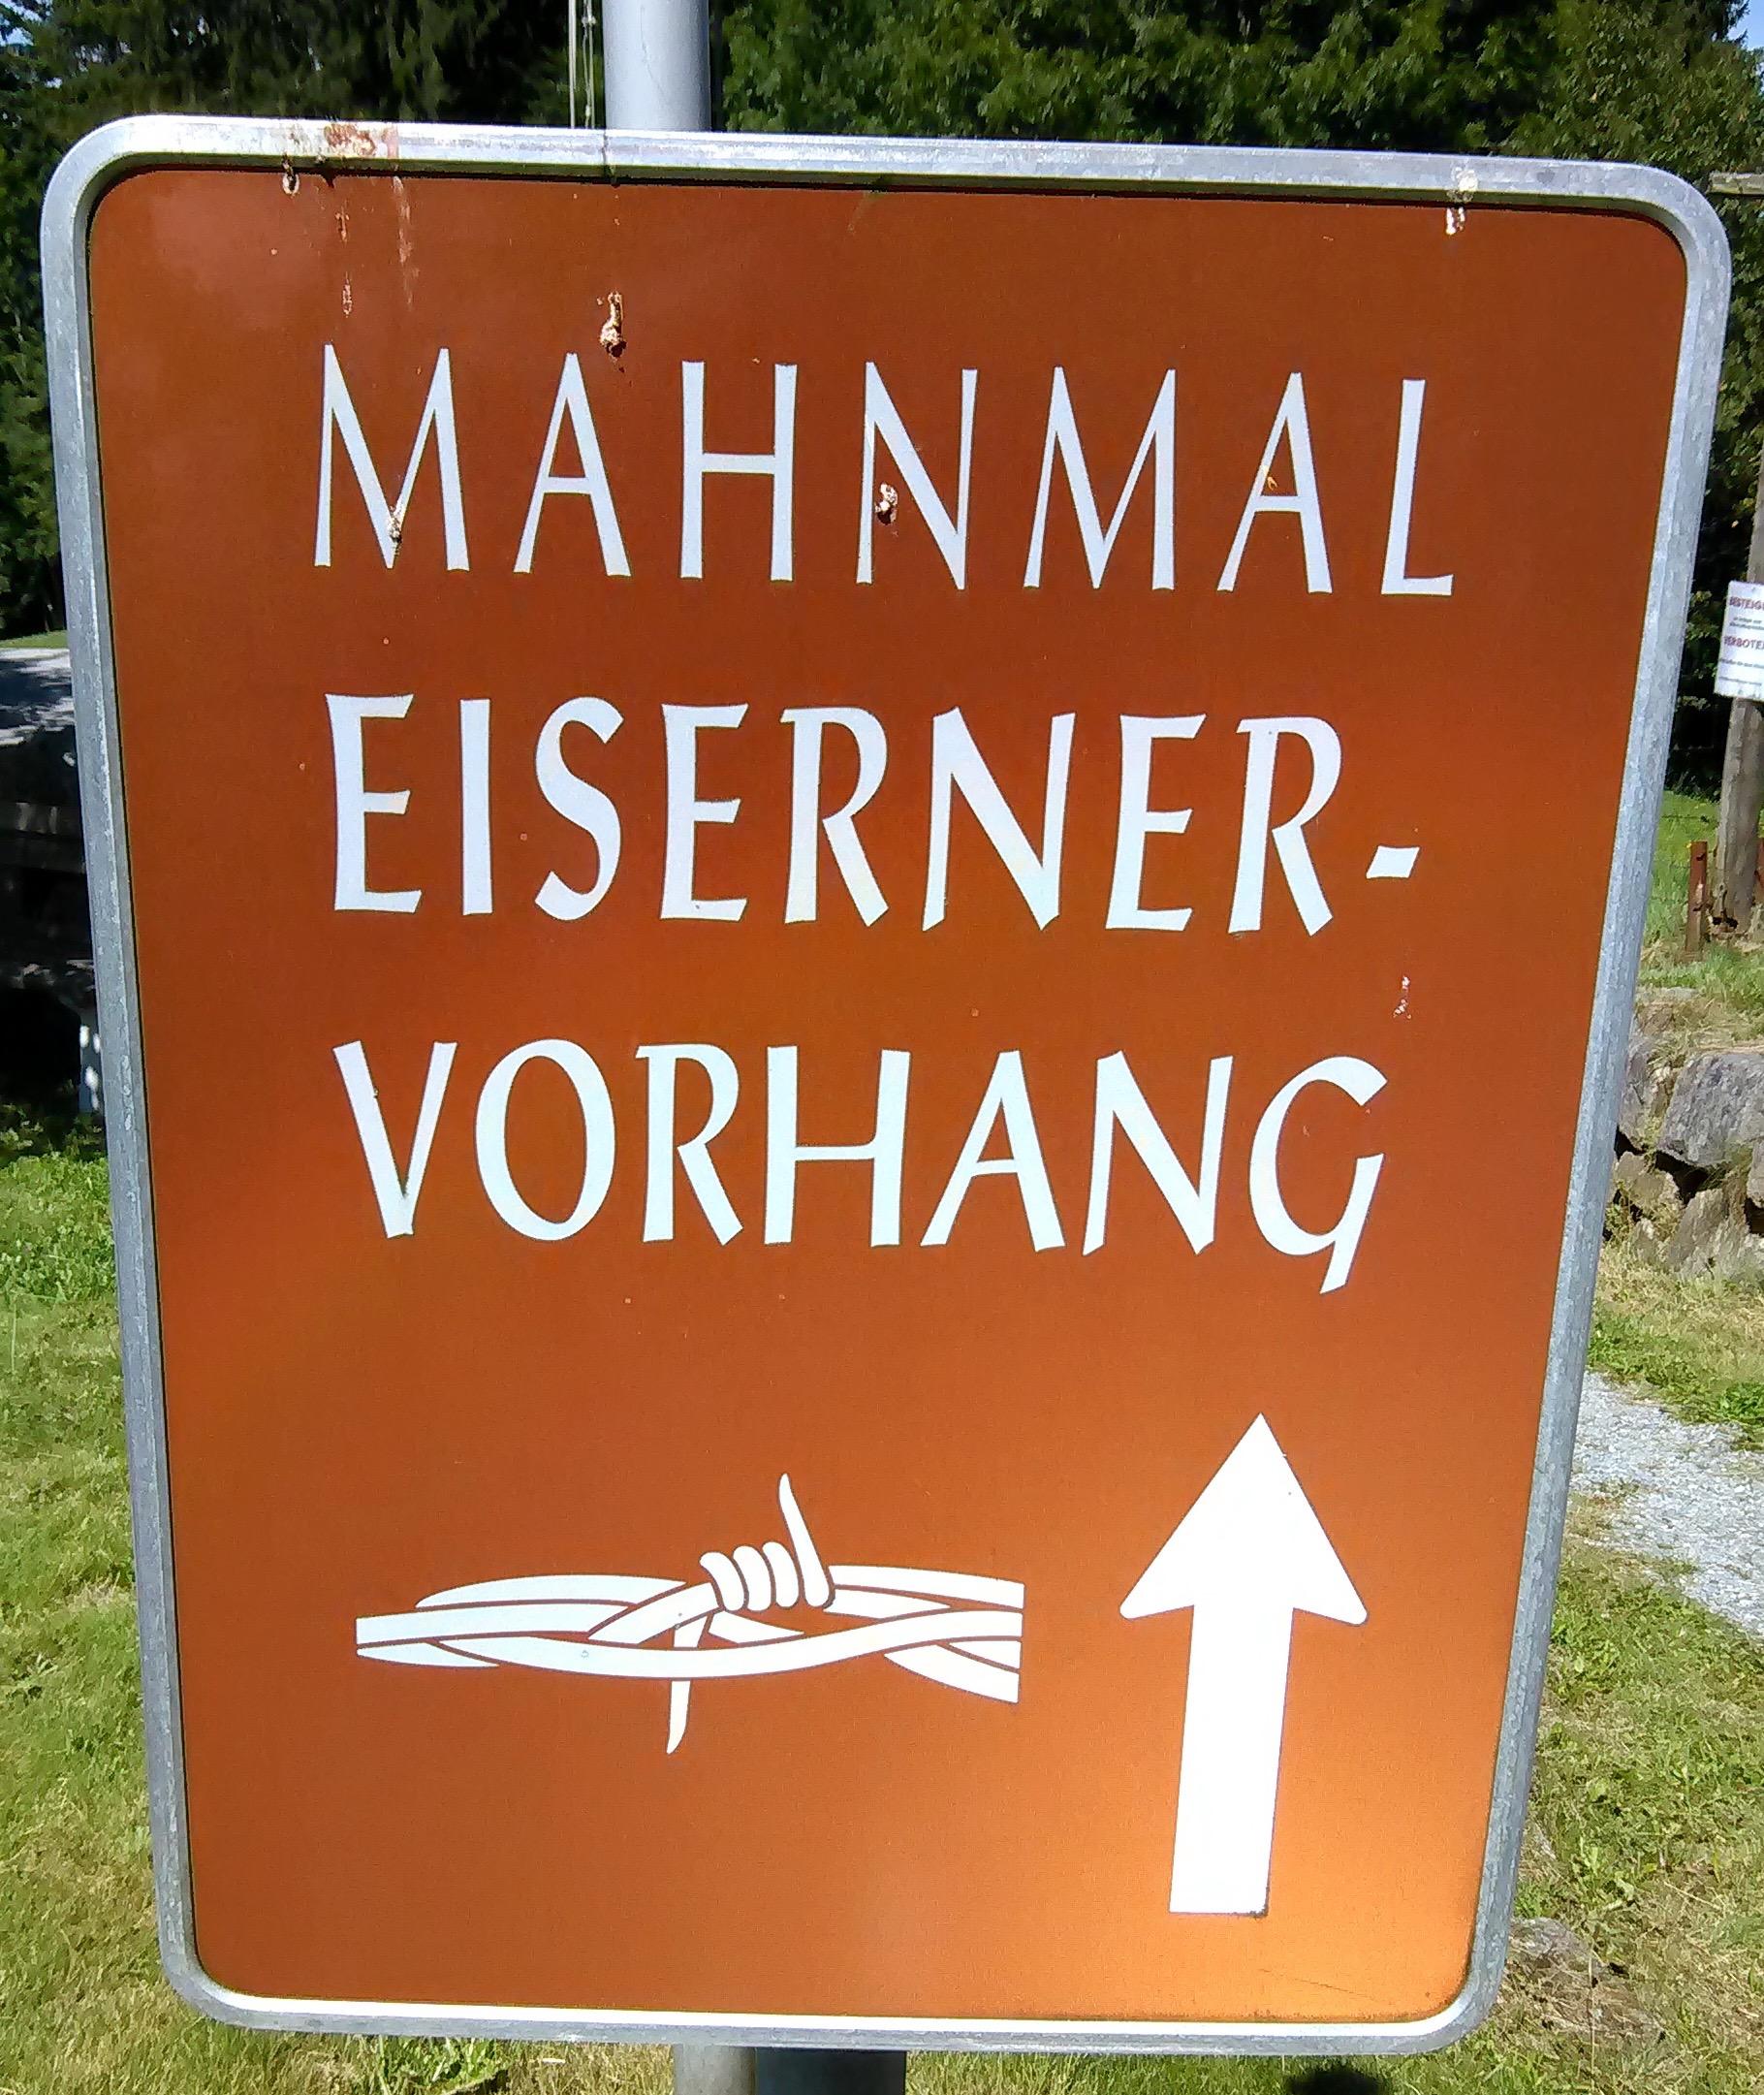 Iron Curtain Mahnmal